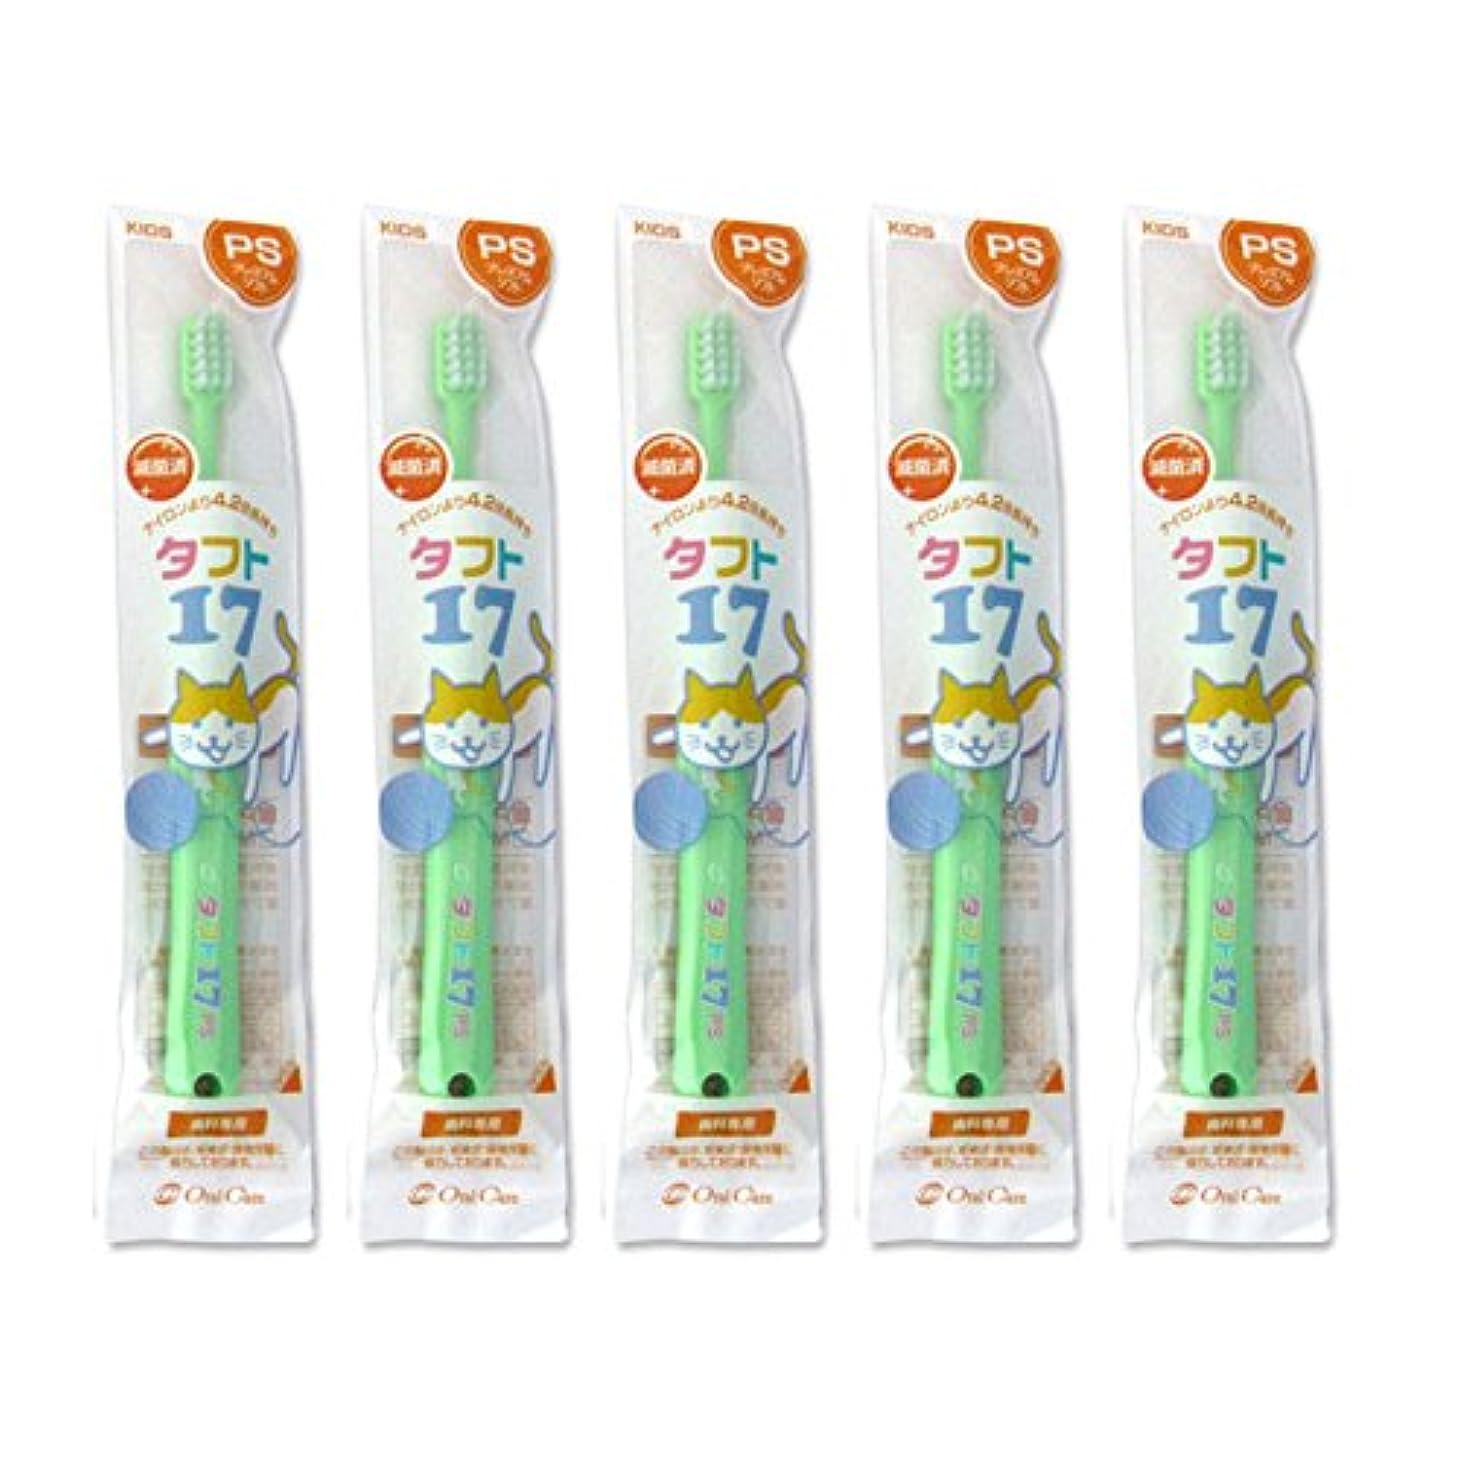 スキャンたっぷりアンペアタフト17 5本 オーラルケア 子供 タフト17/プレミアムソフト/タフト 乳歯列期(1~7歳)こども 歯ブラシ 5本セット グリーン